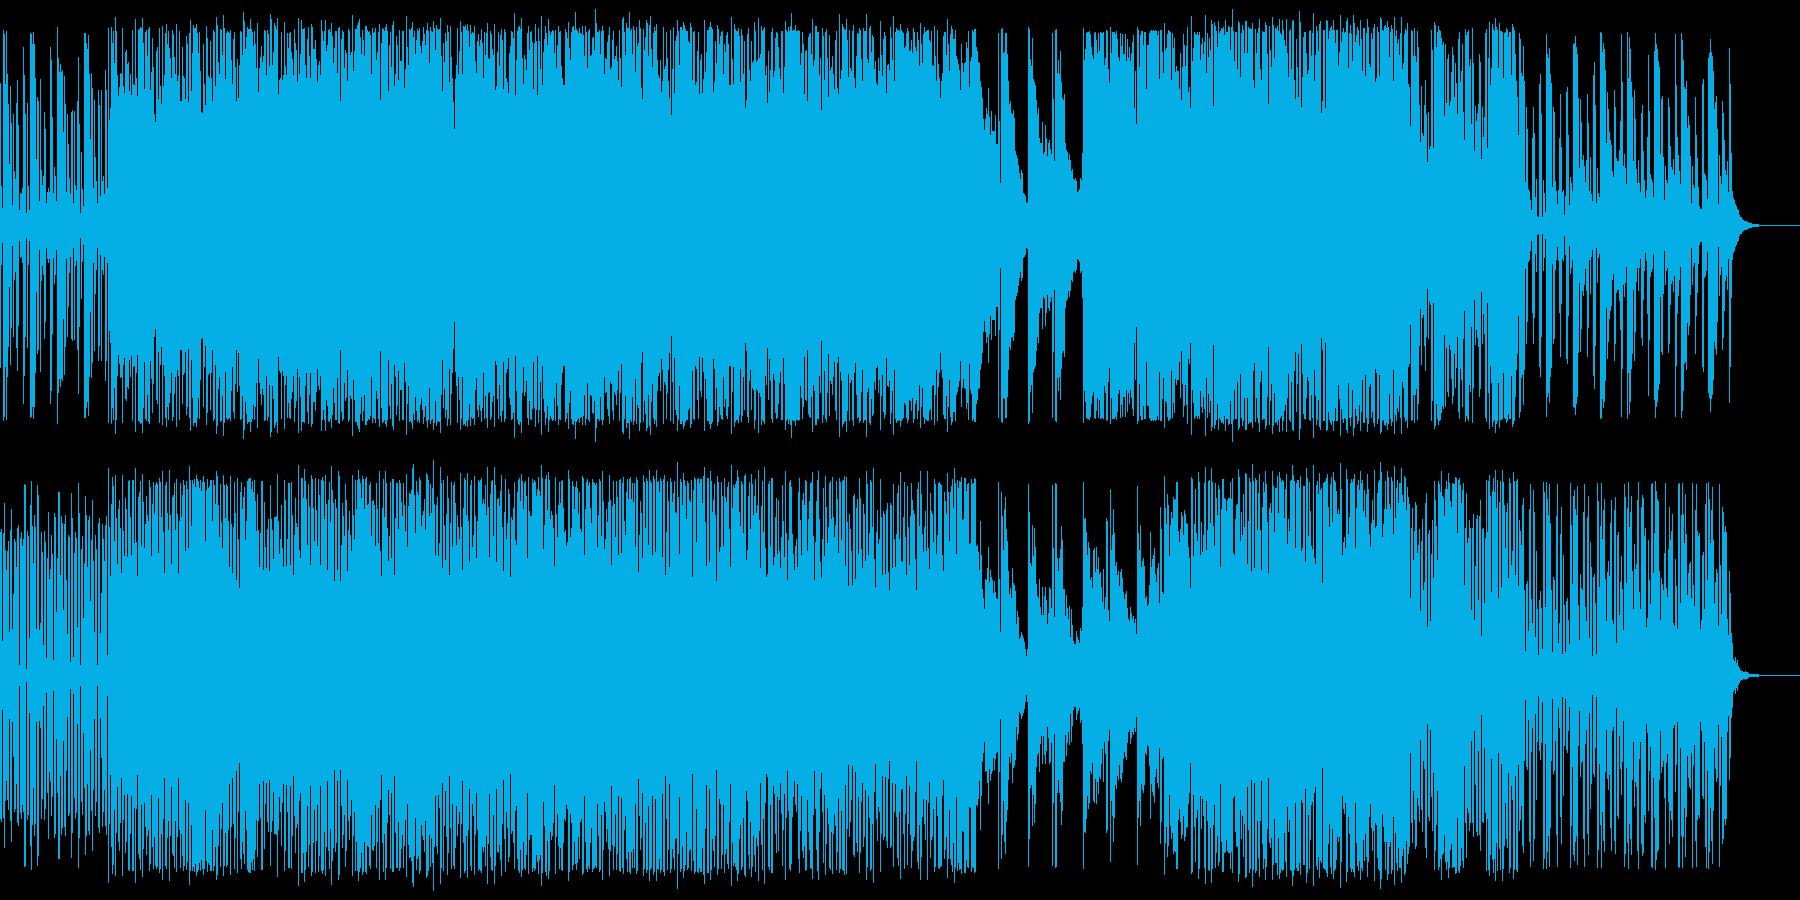 幻想的でロマンティックなXmas BGMの再生済みの波形